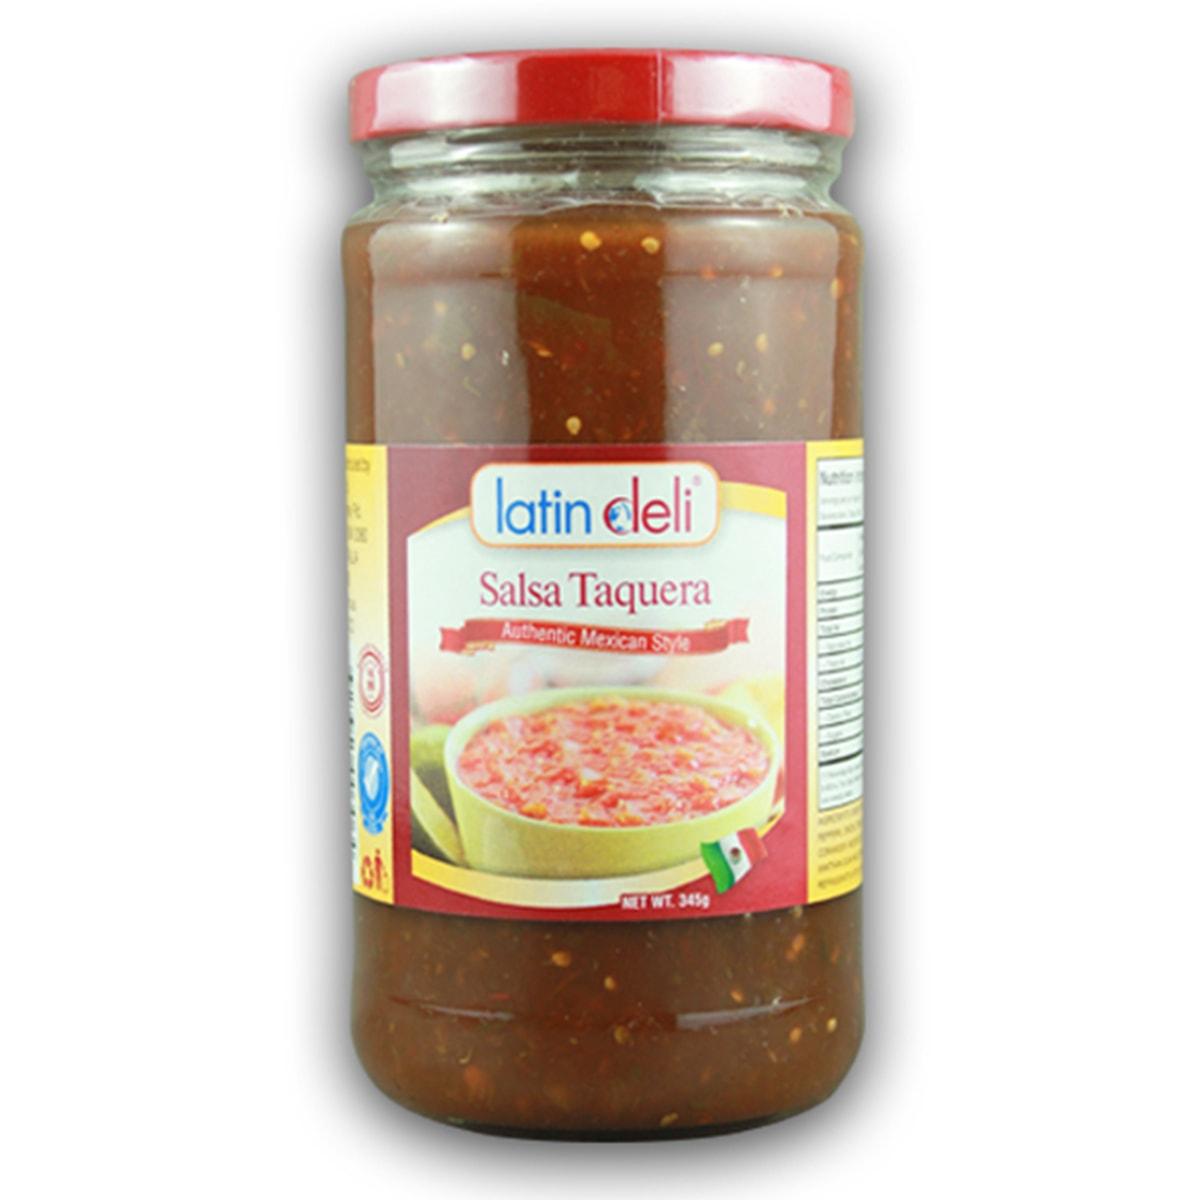 Buy Latin Deli Salsa Taquera - 345 gm